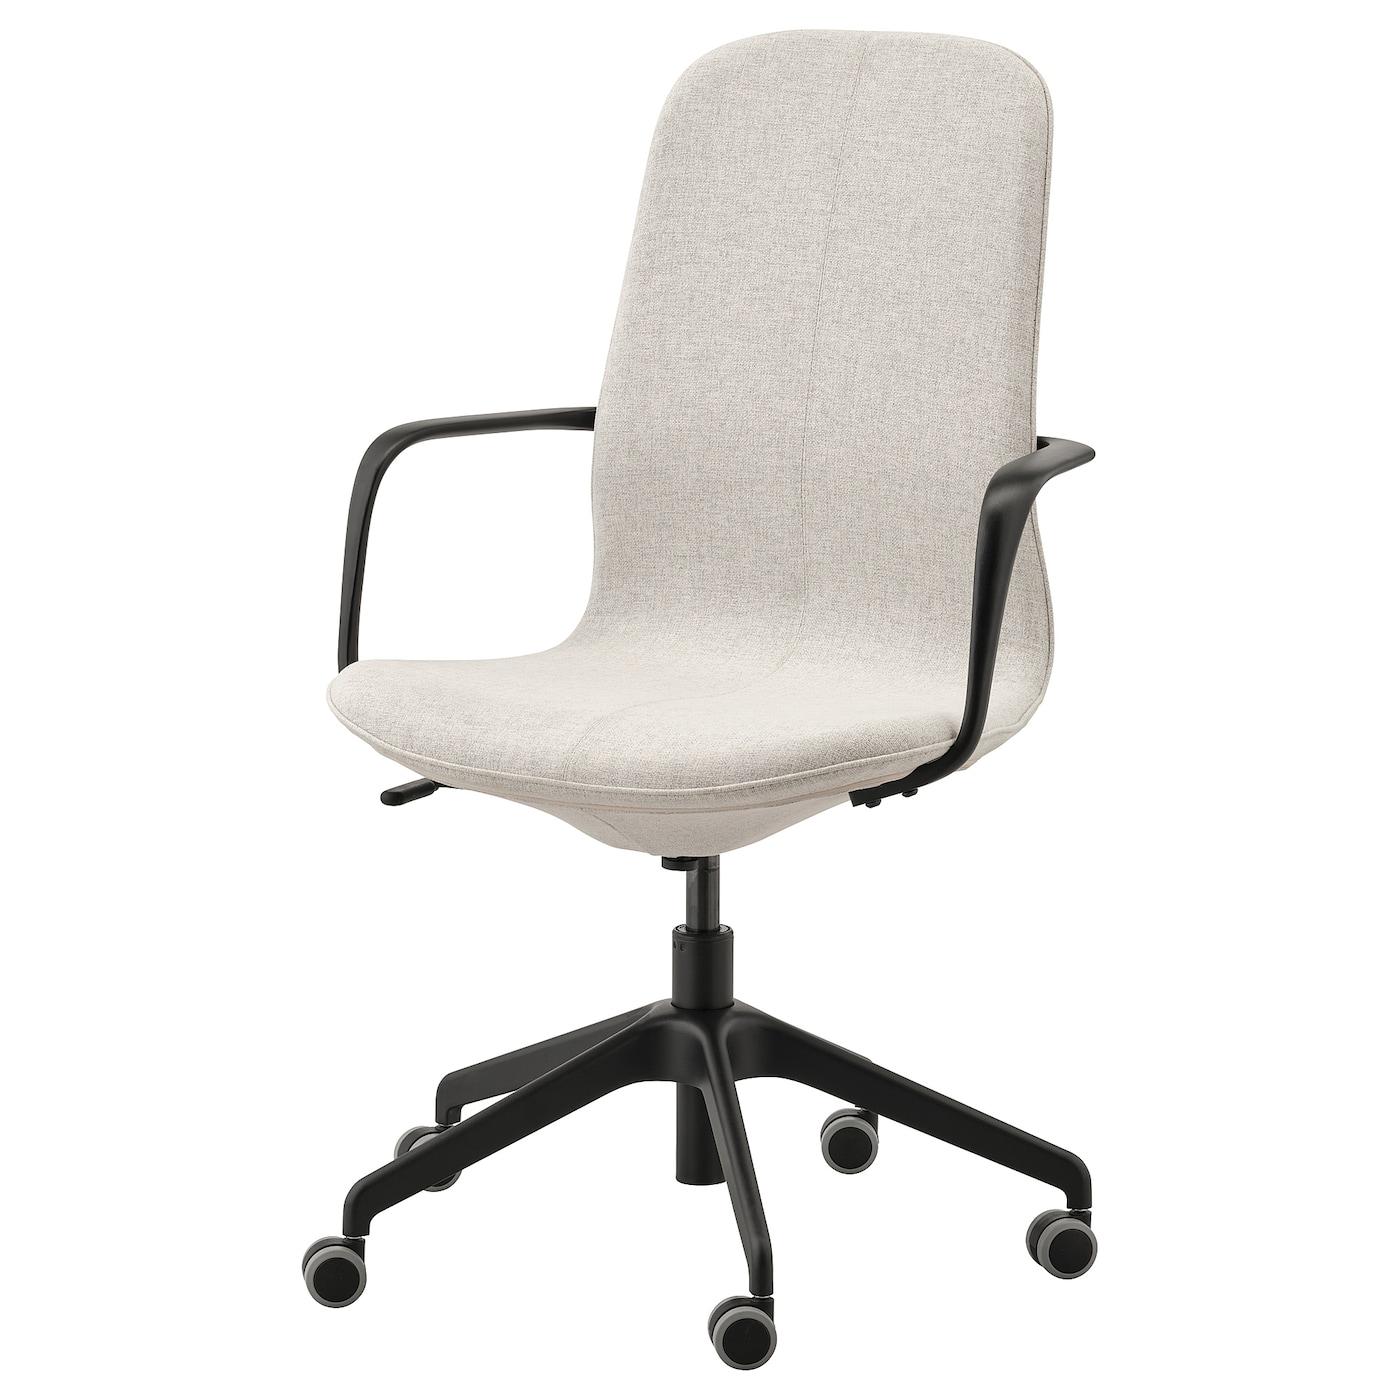 LÅNGFJÄLL Krzesło biurowe z podłokietnikami Gunnared beżowy, czarny